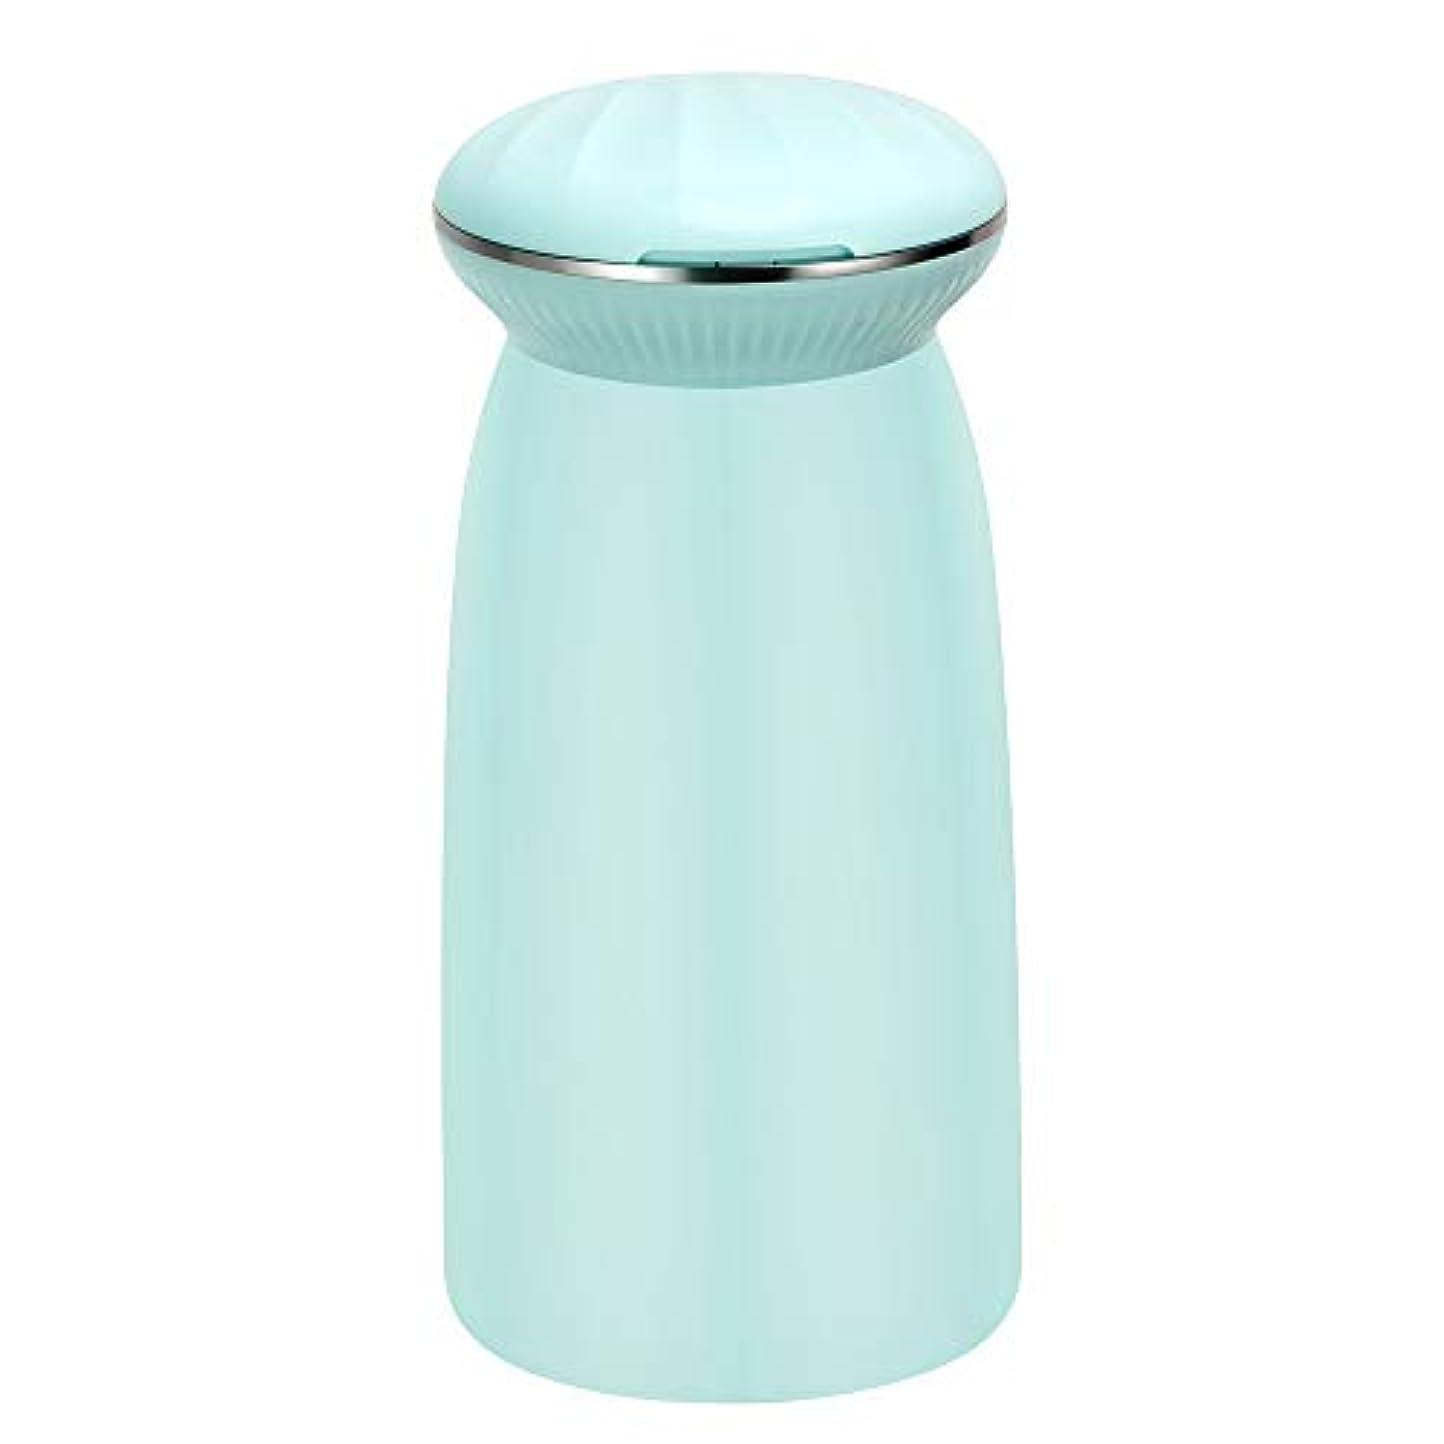 感性委員長震え涼しい空気加湿器 - 300ミリリットルスパミストメーカー水フレッシュエアーマシンポータブル超音波加湿器,Blue